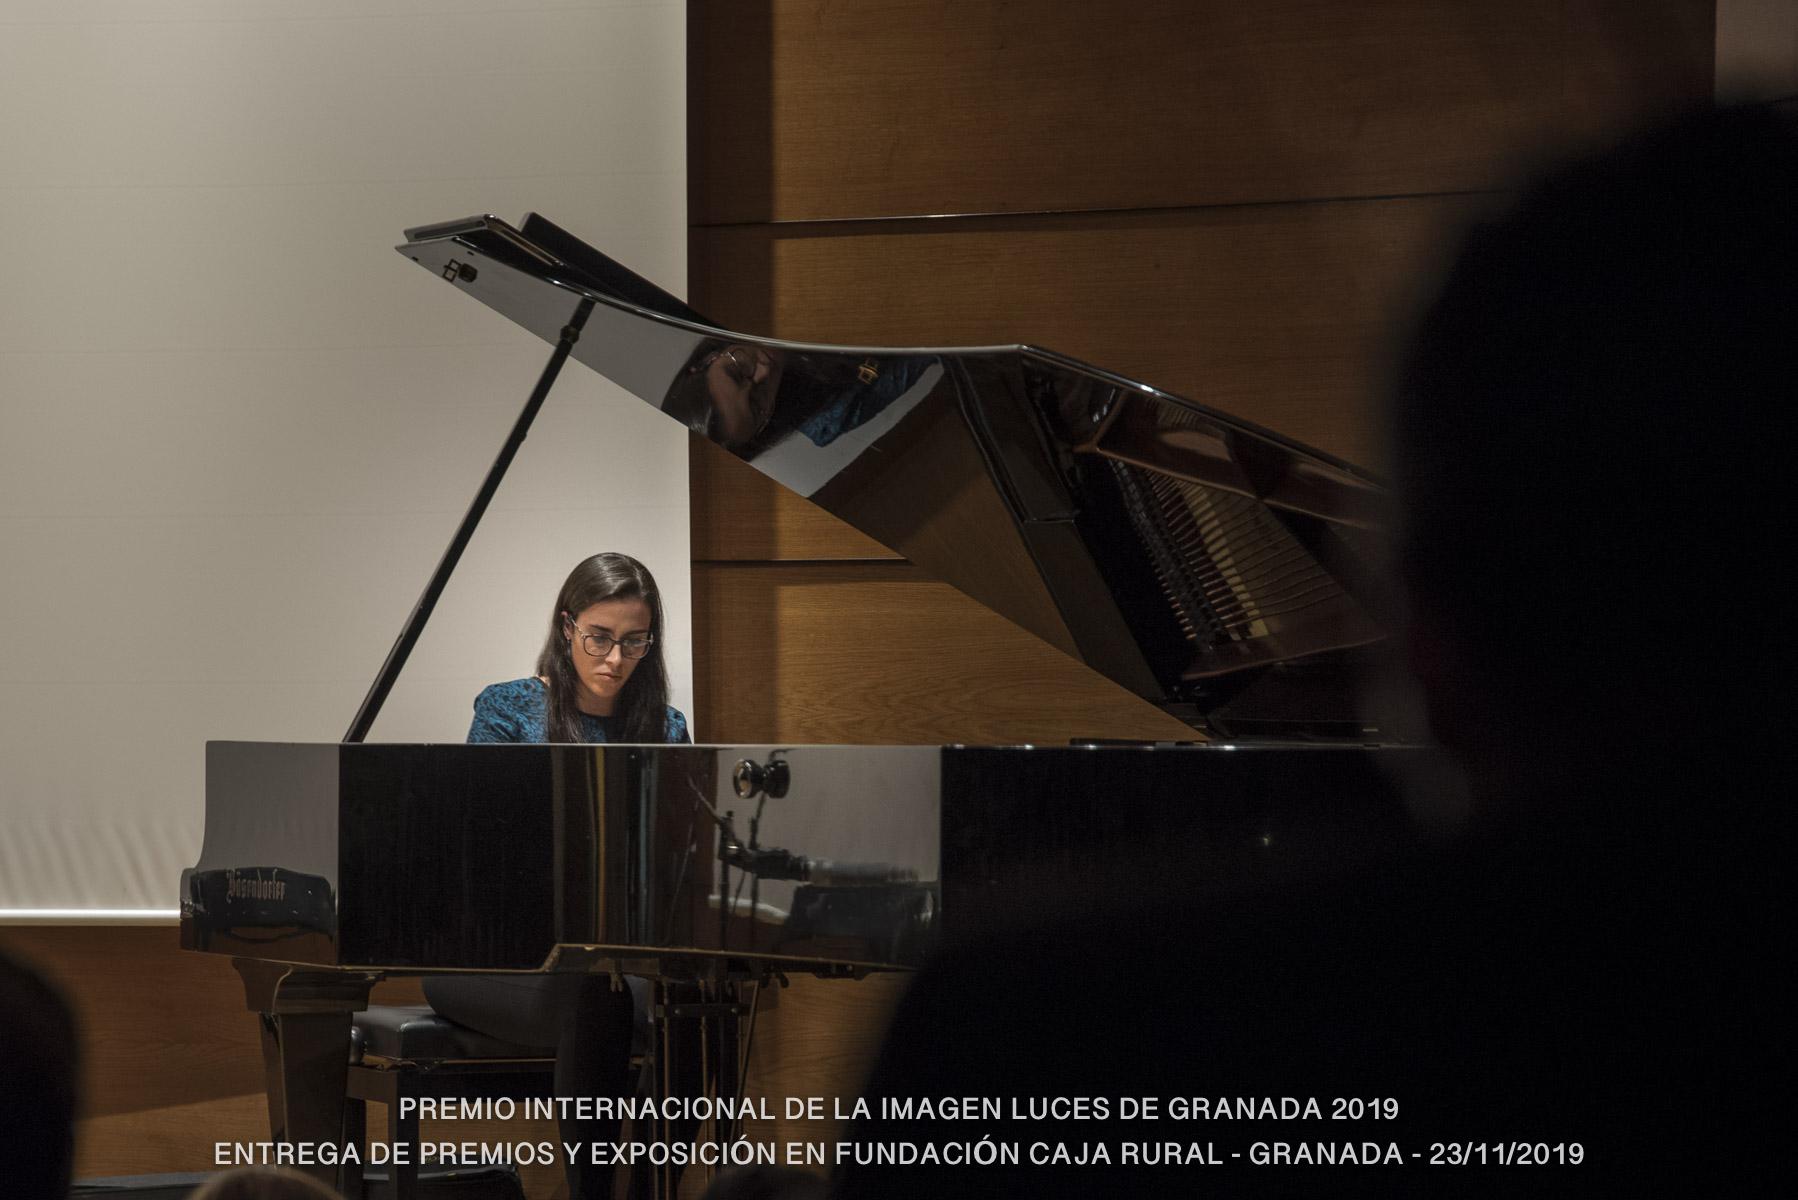 LUCESDEGRANADA_2019_058